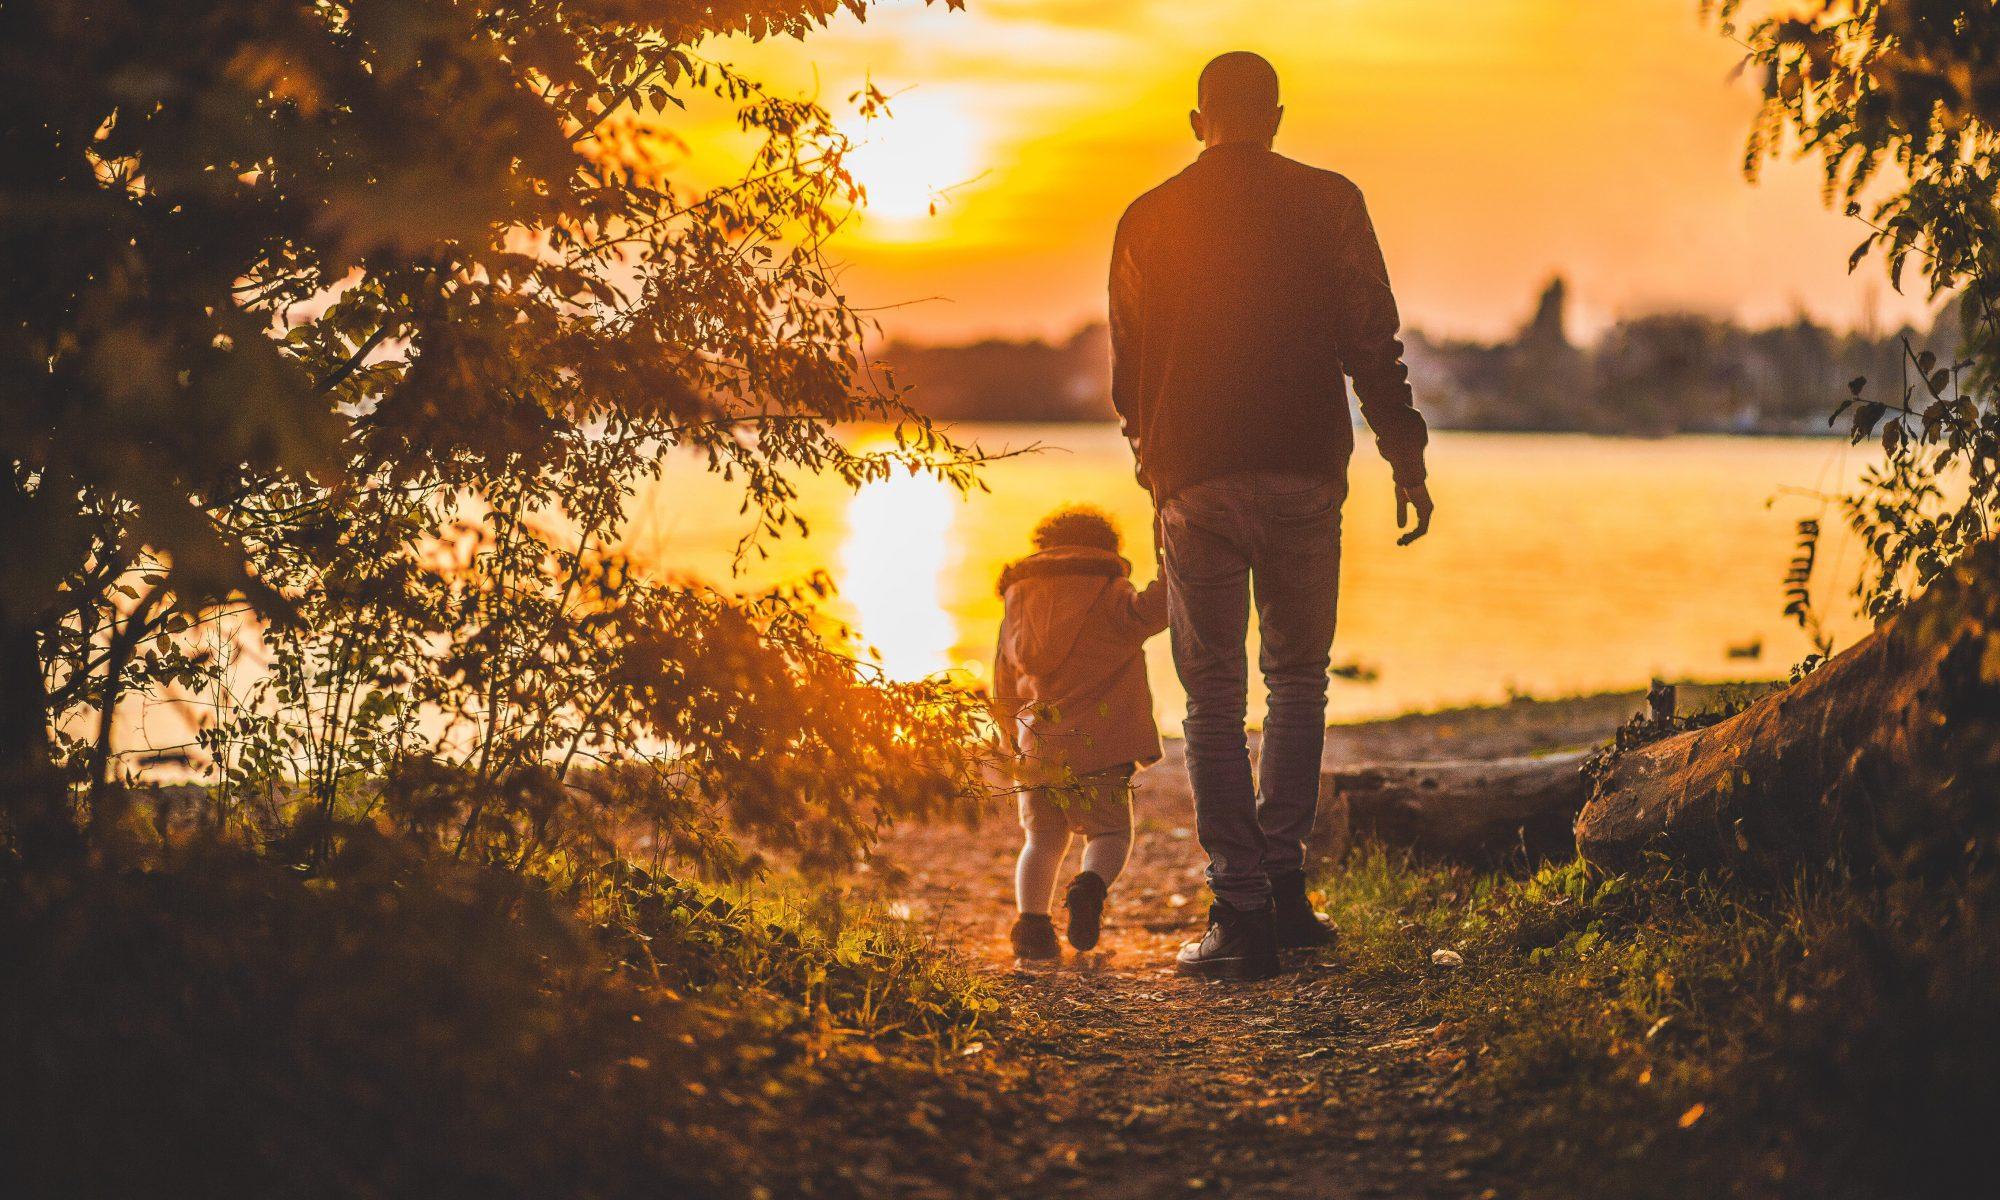 Fatherhood helpers